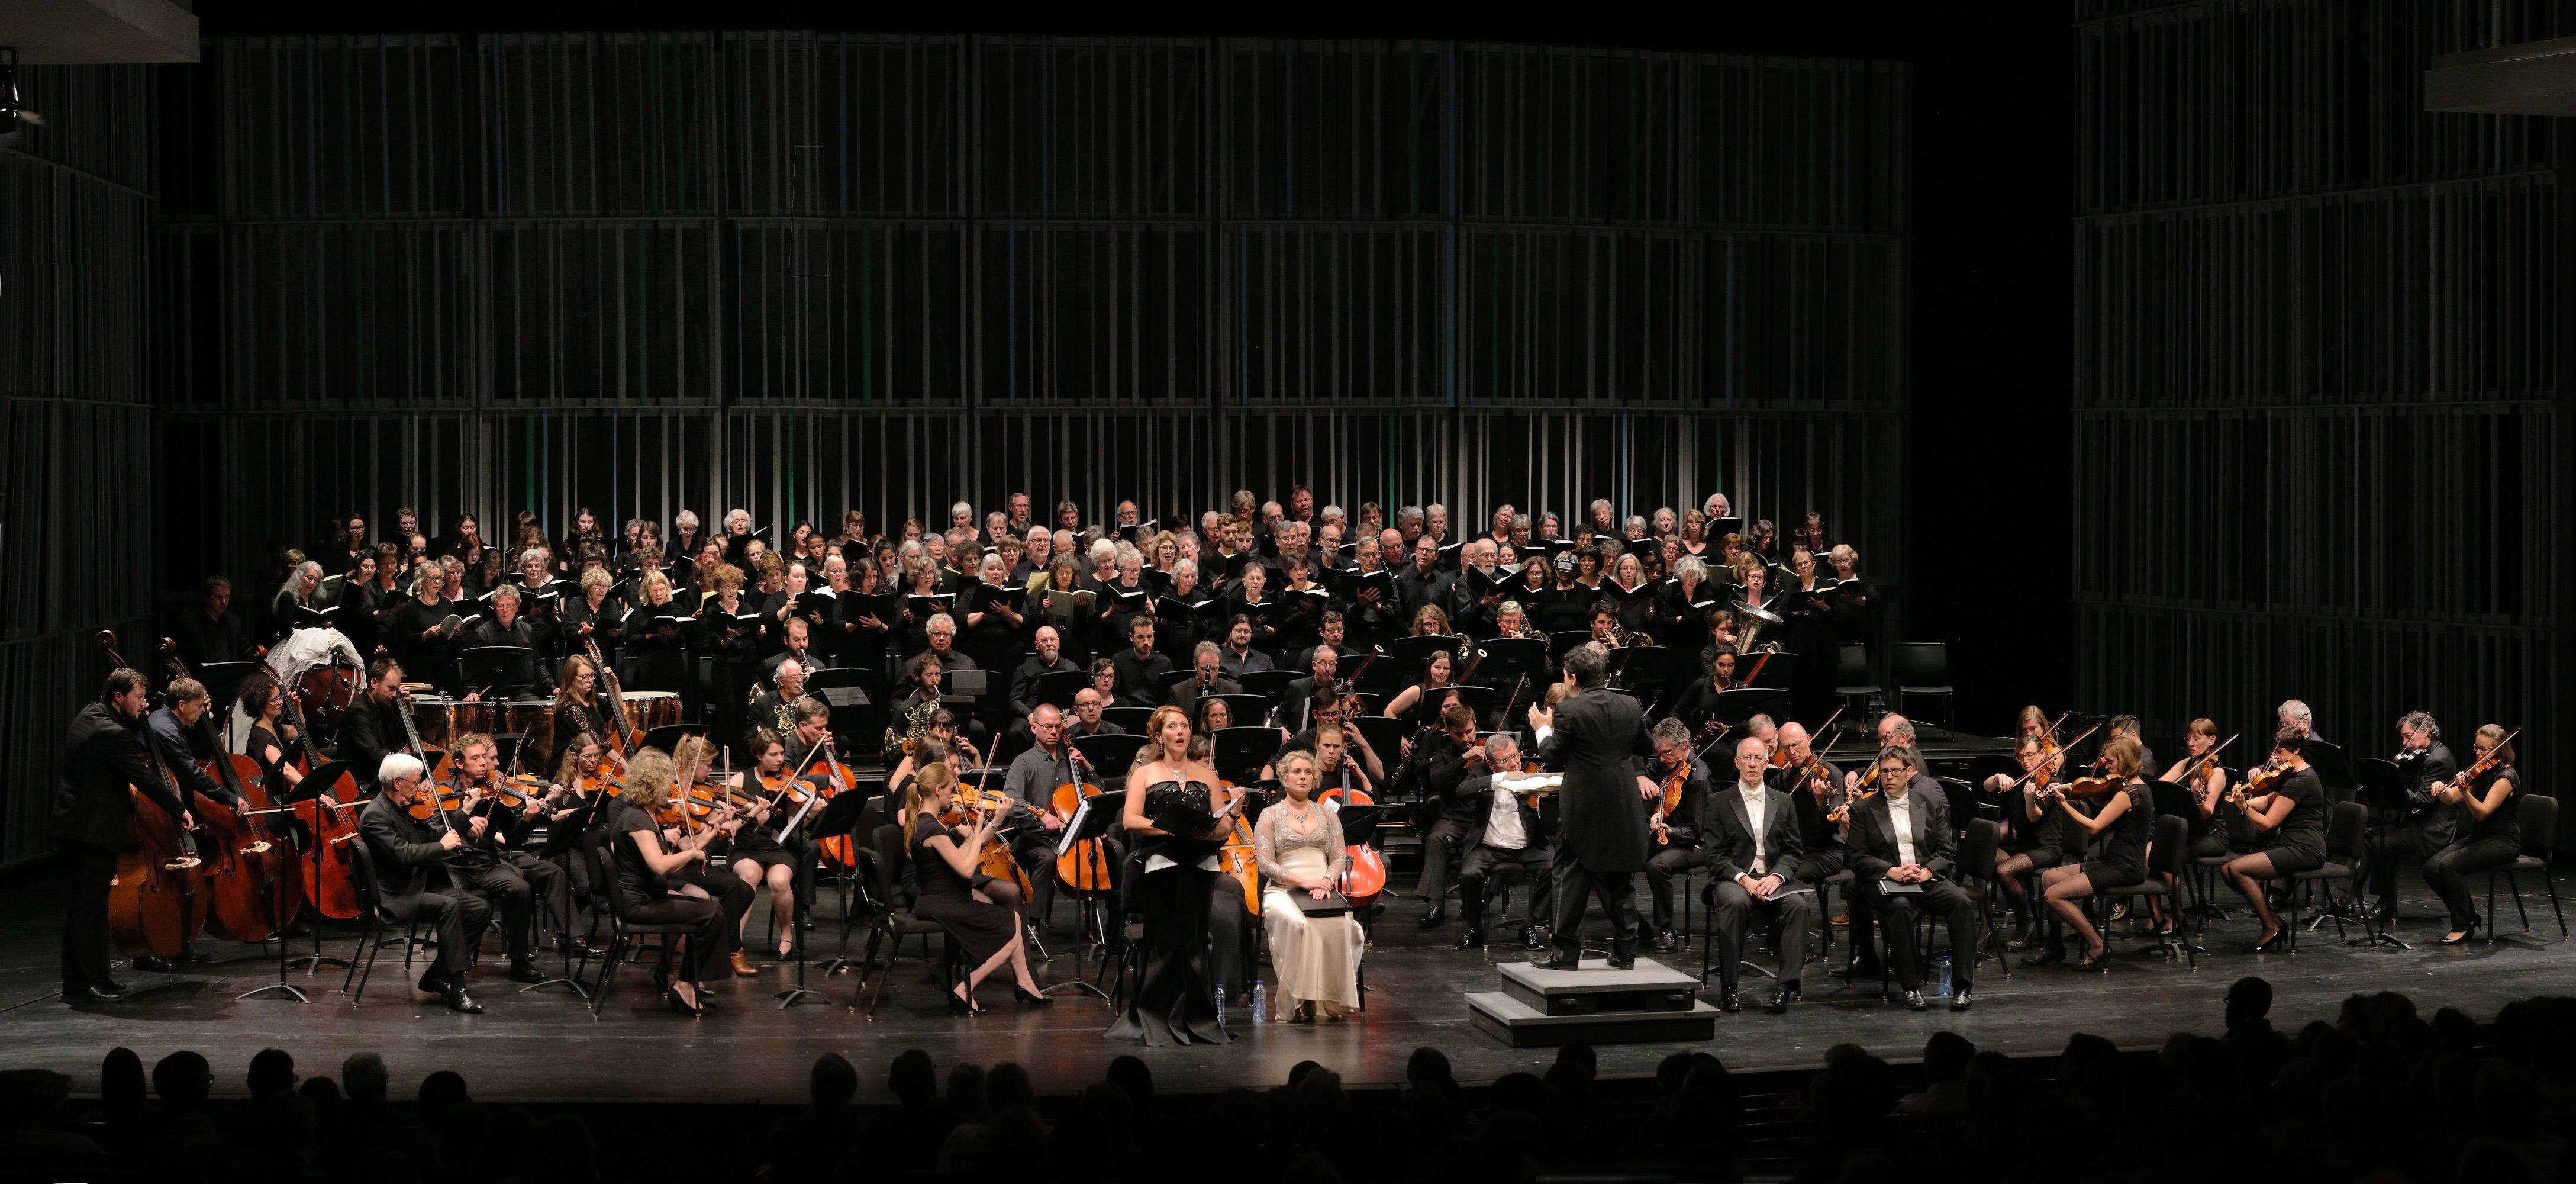 e16-brugespanB Verdi Requiem,  Brugge Concertgebouw,  Bruges, Belgium, 2016